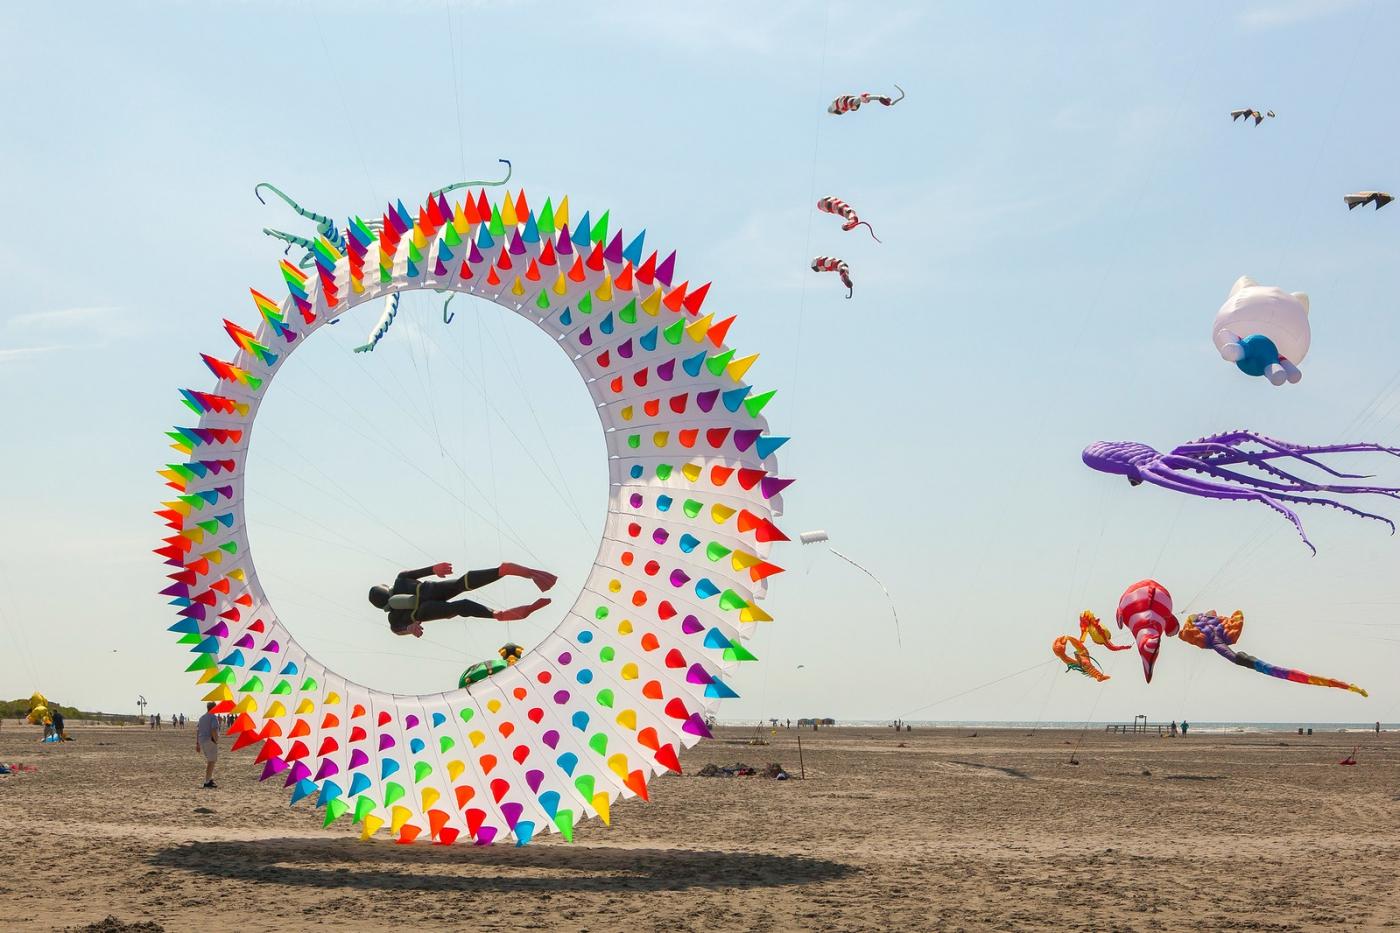 超大的风筝,真是少见_图1-6